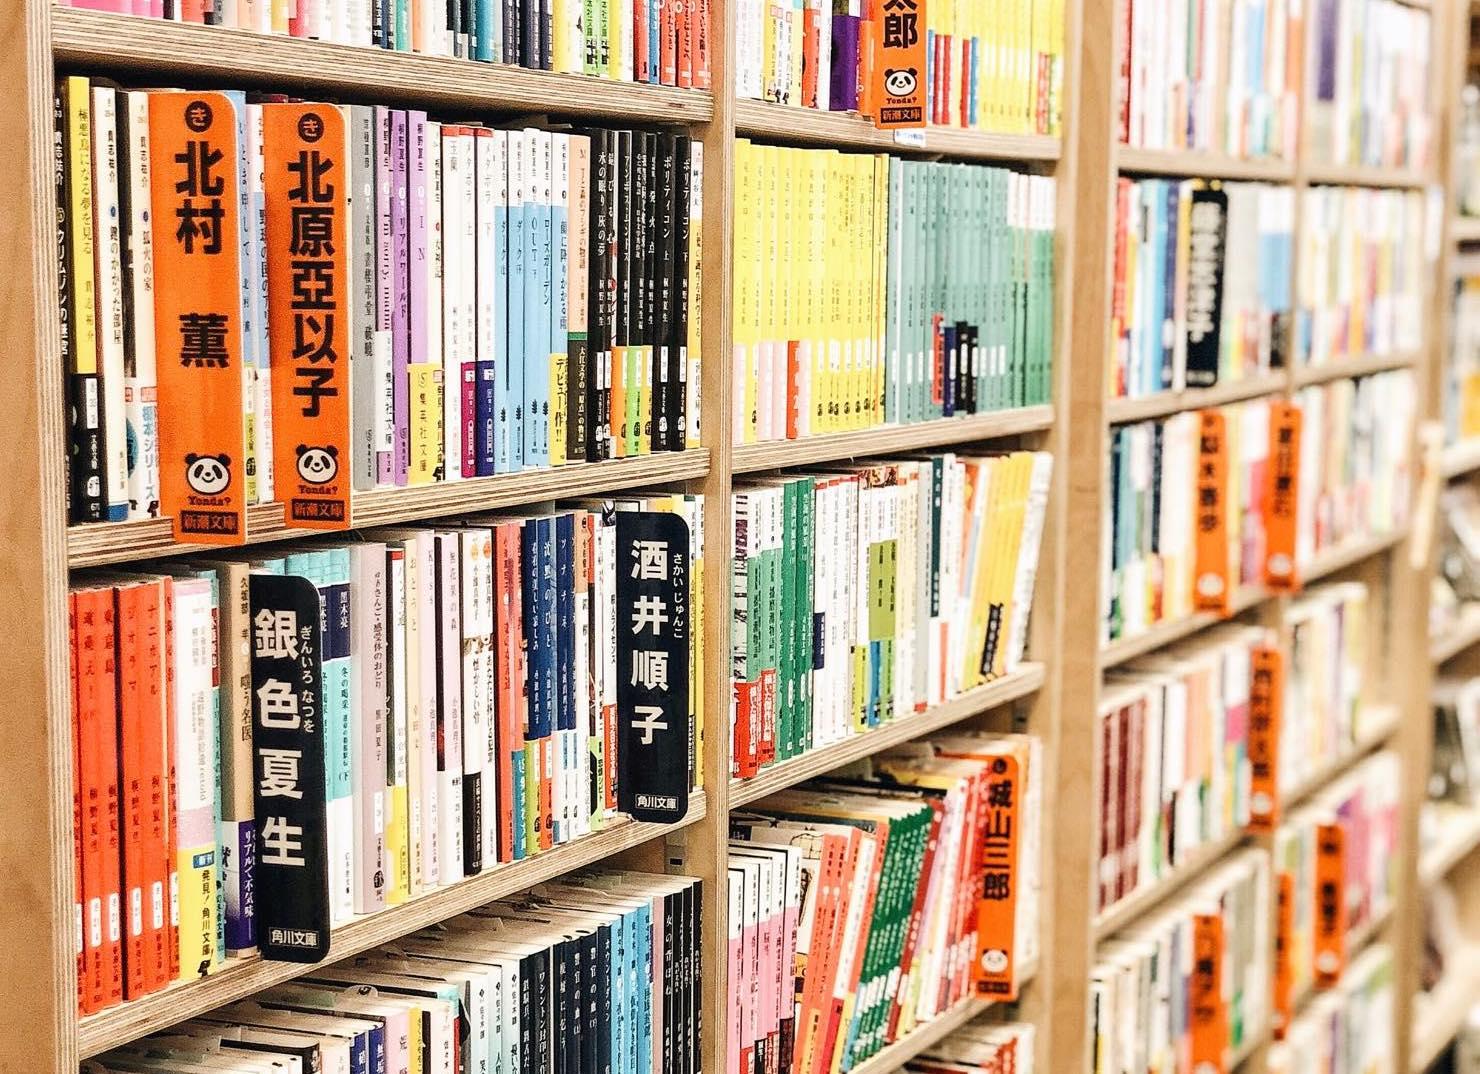 JP bookshop, London